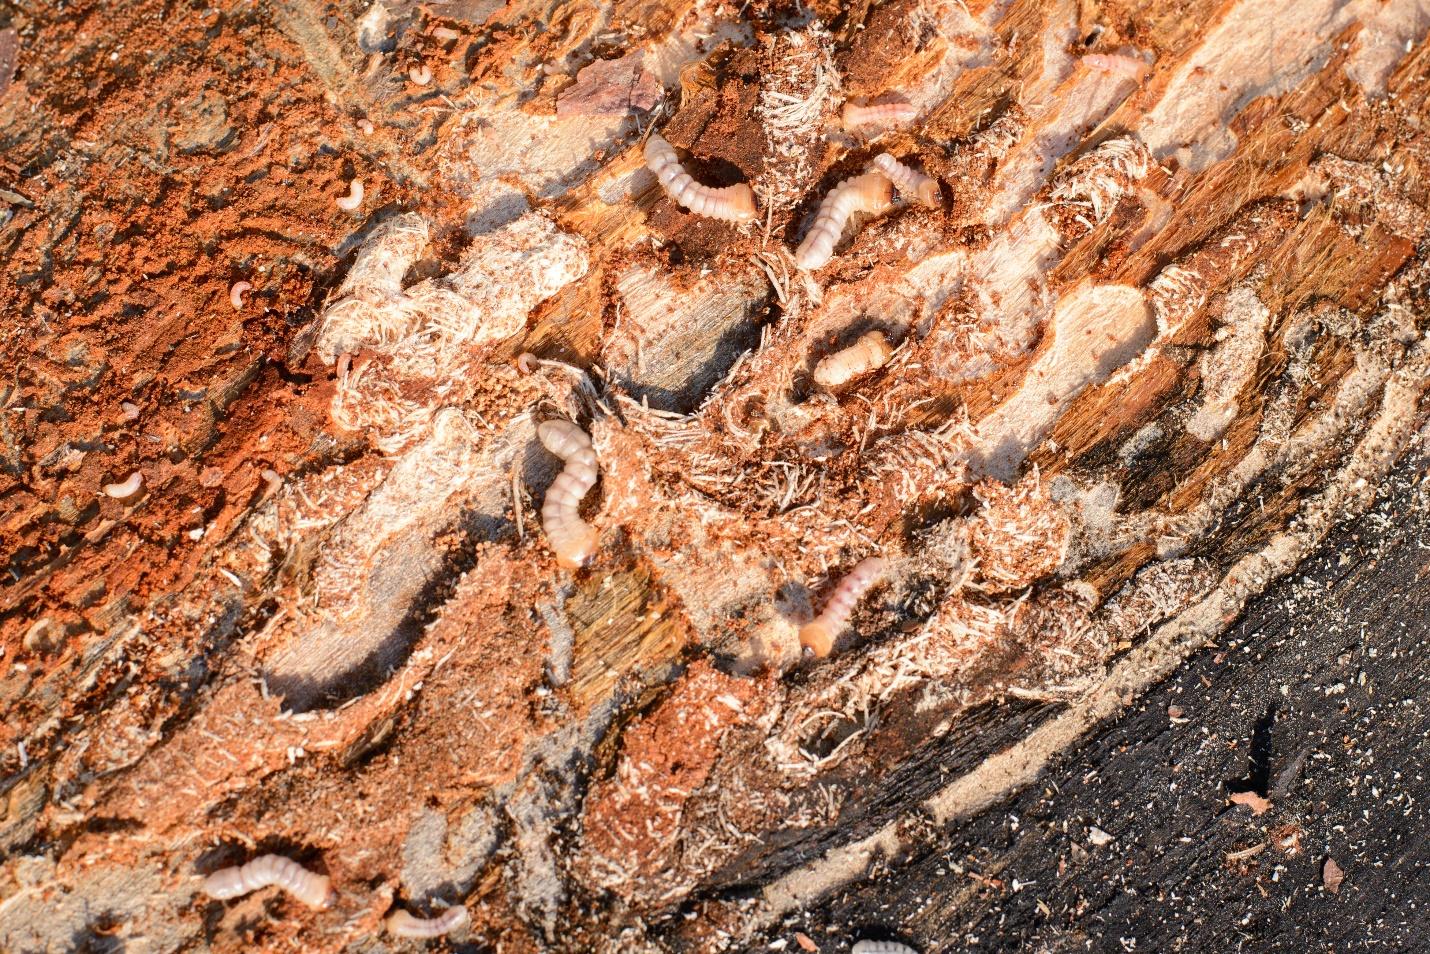 Wist Je Dat Ook Schepen Last Hebben Van Houtwormen?